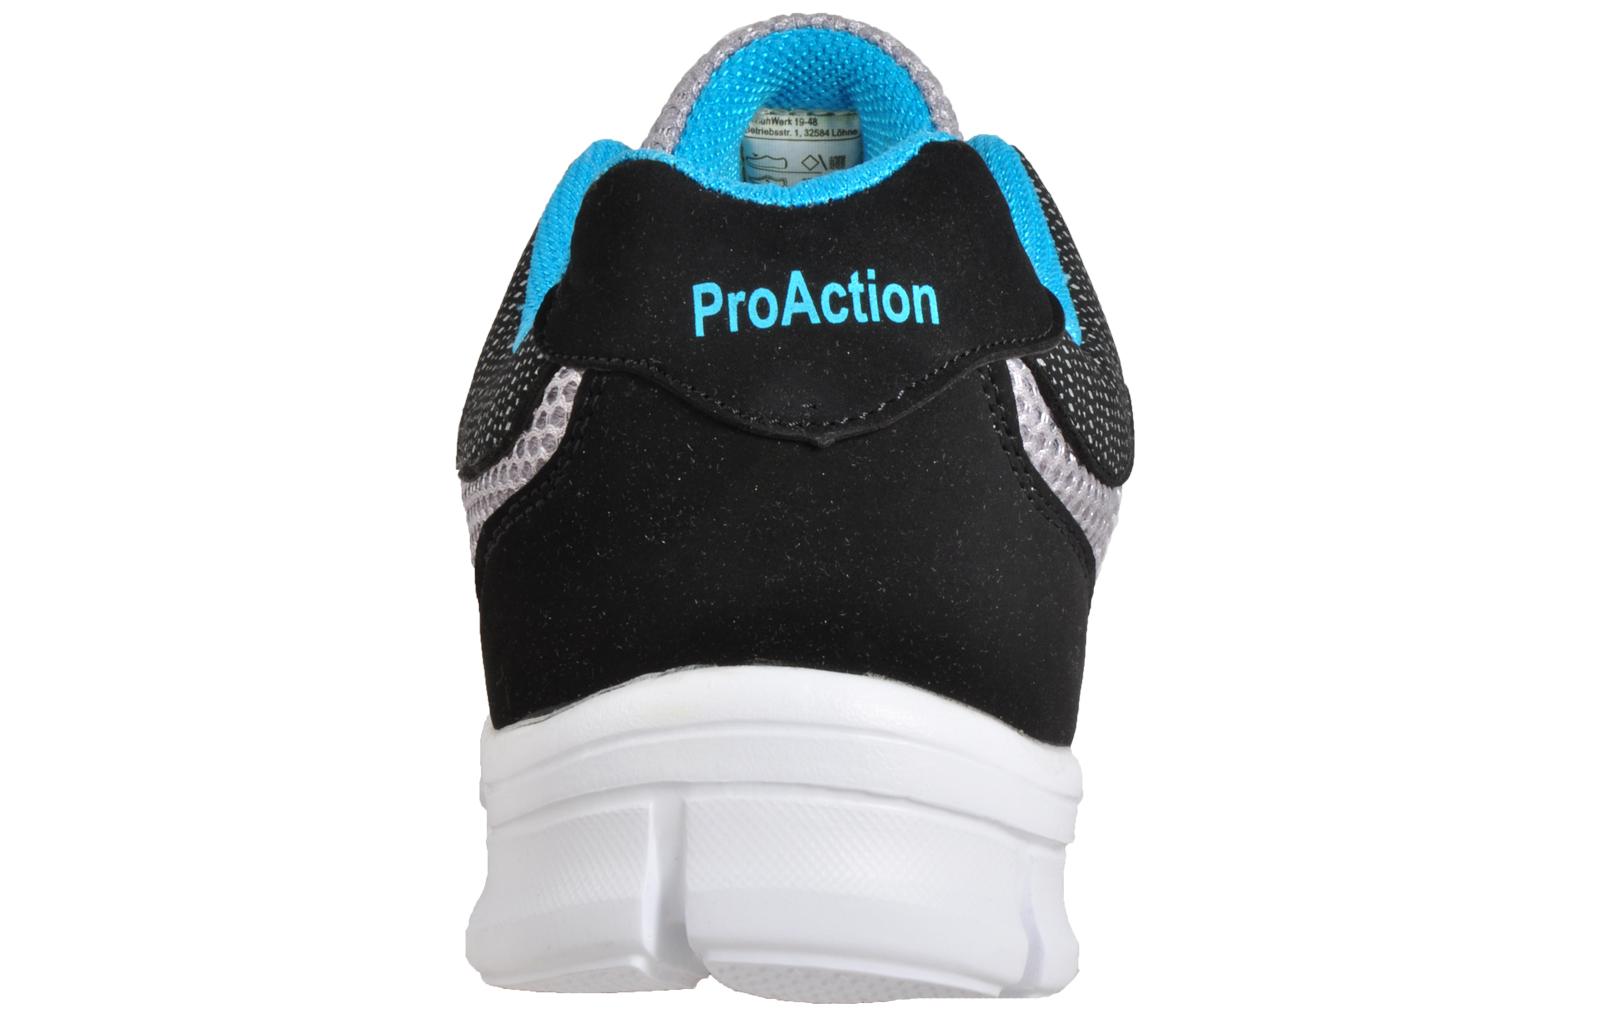 b36d2c888d Airtech Pro Action Superlite Mens Jogging Fitness Gym Workout Trainers Black